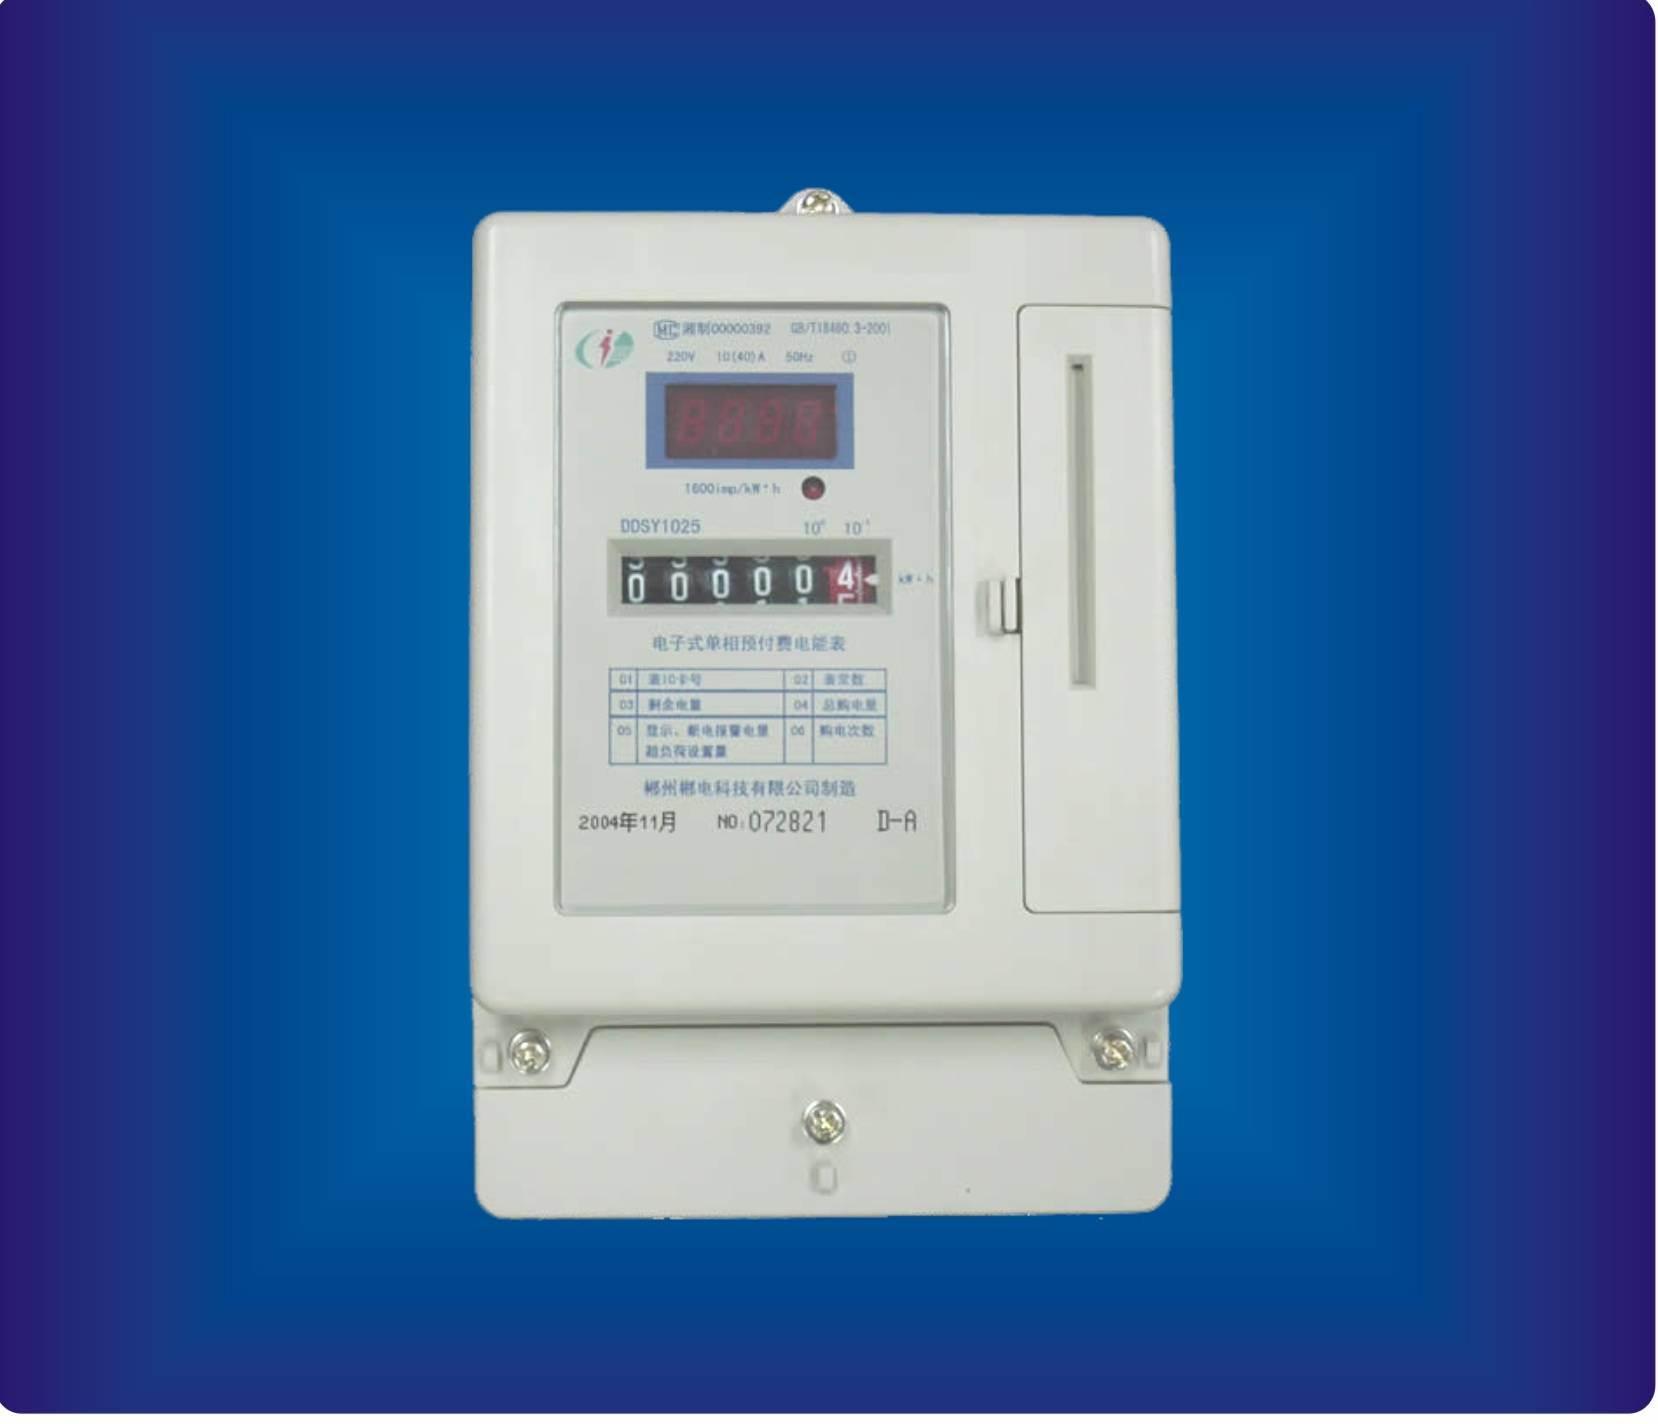 Prepago monofásico contadores de electricidad (DDSY1025)